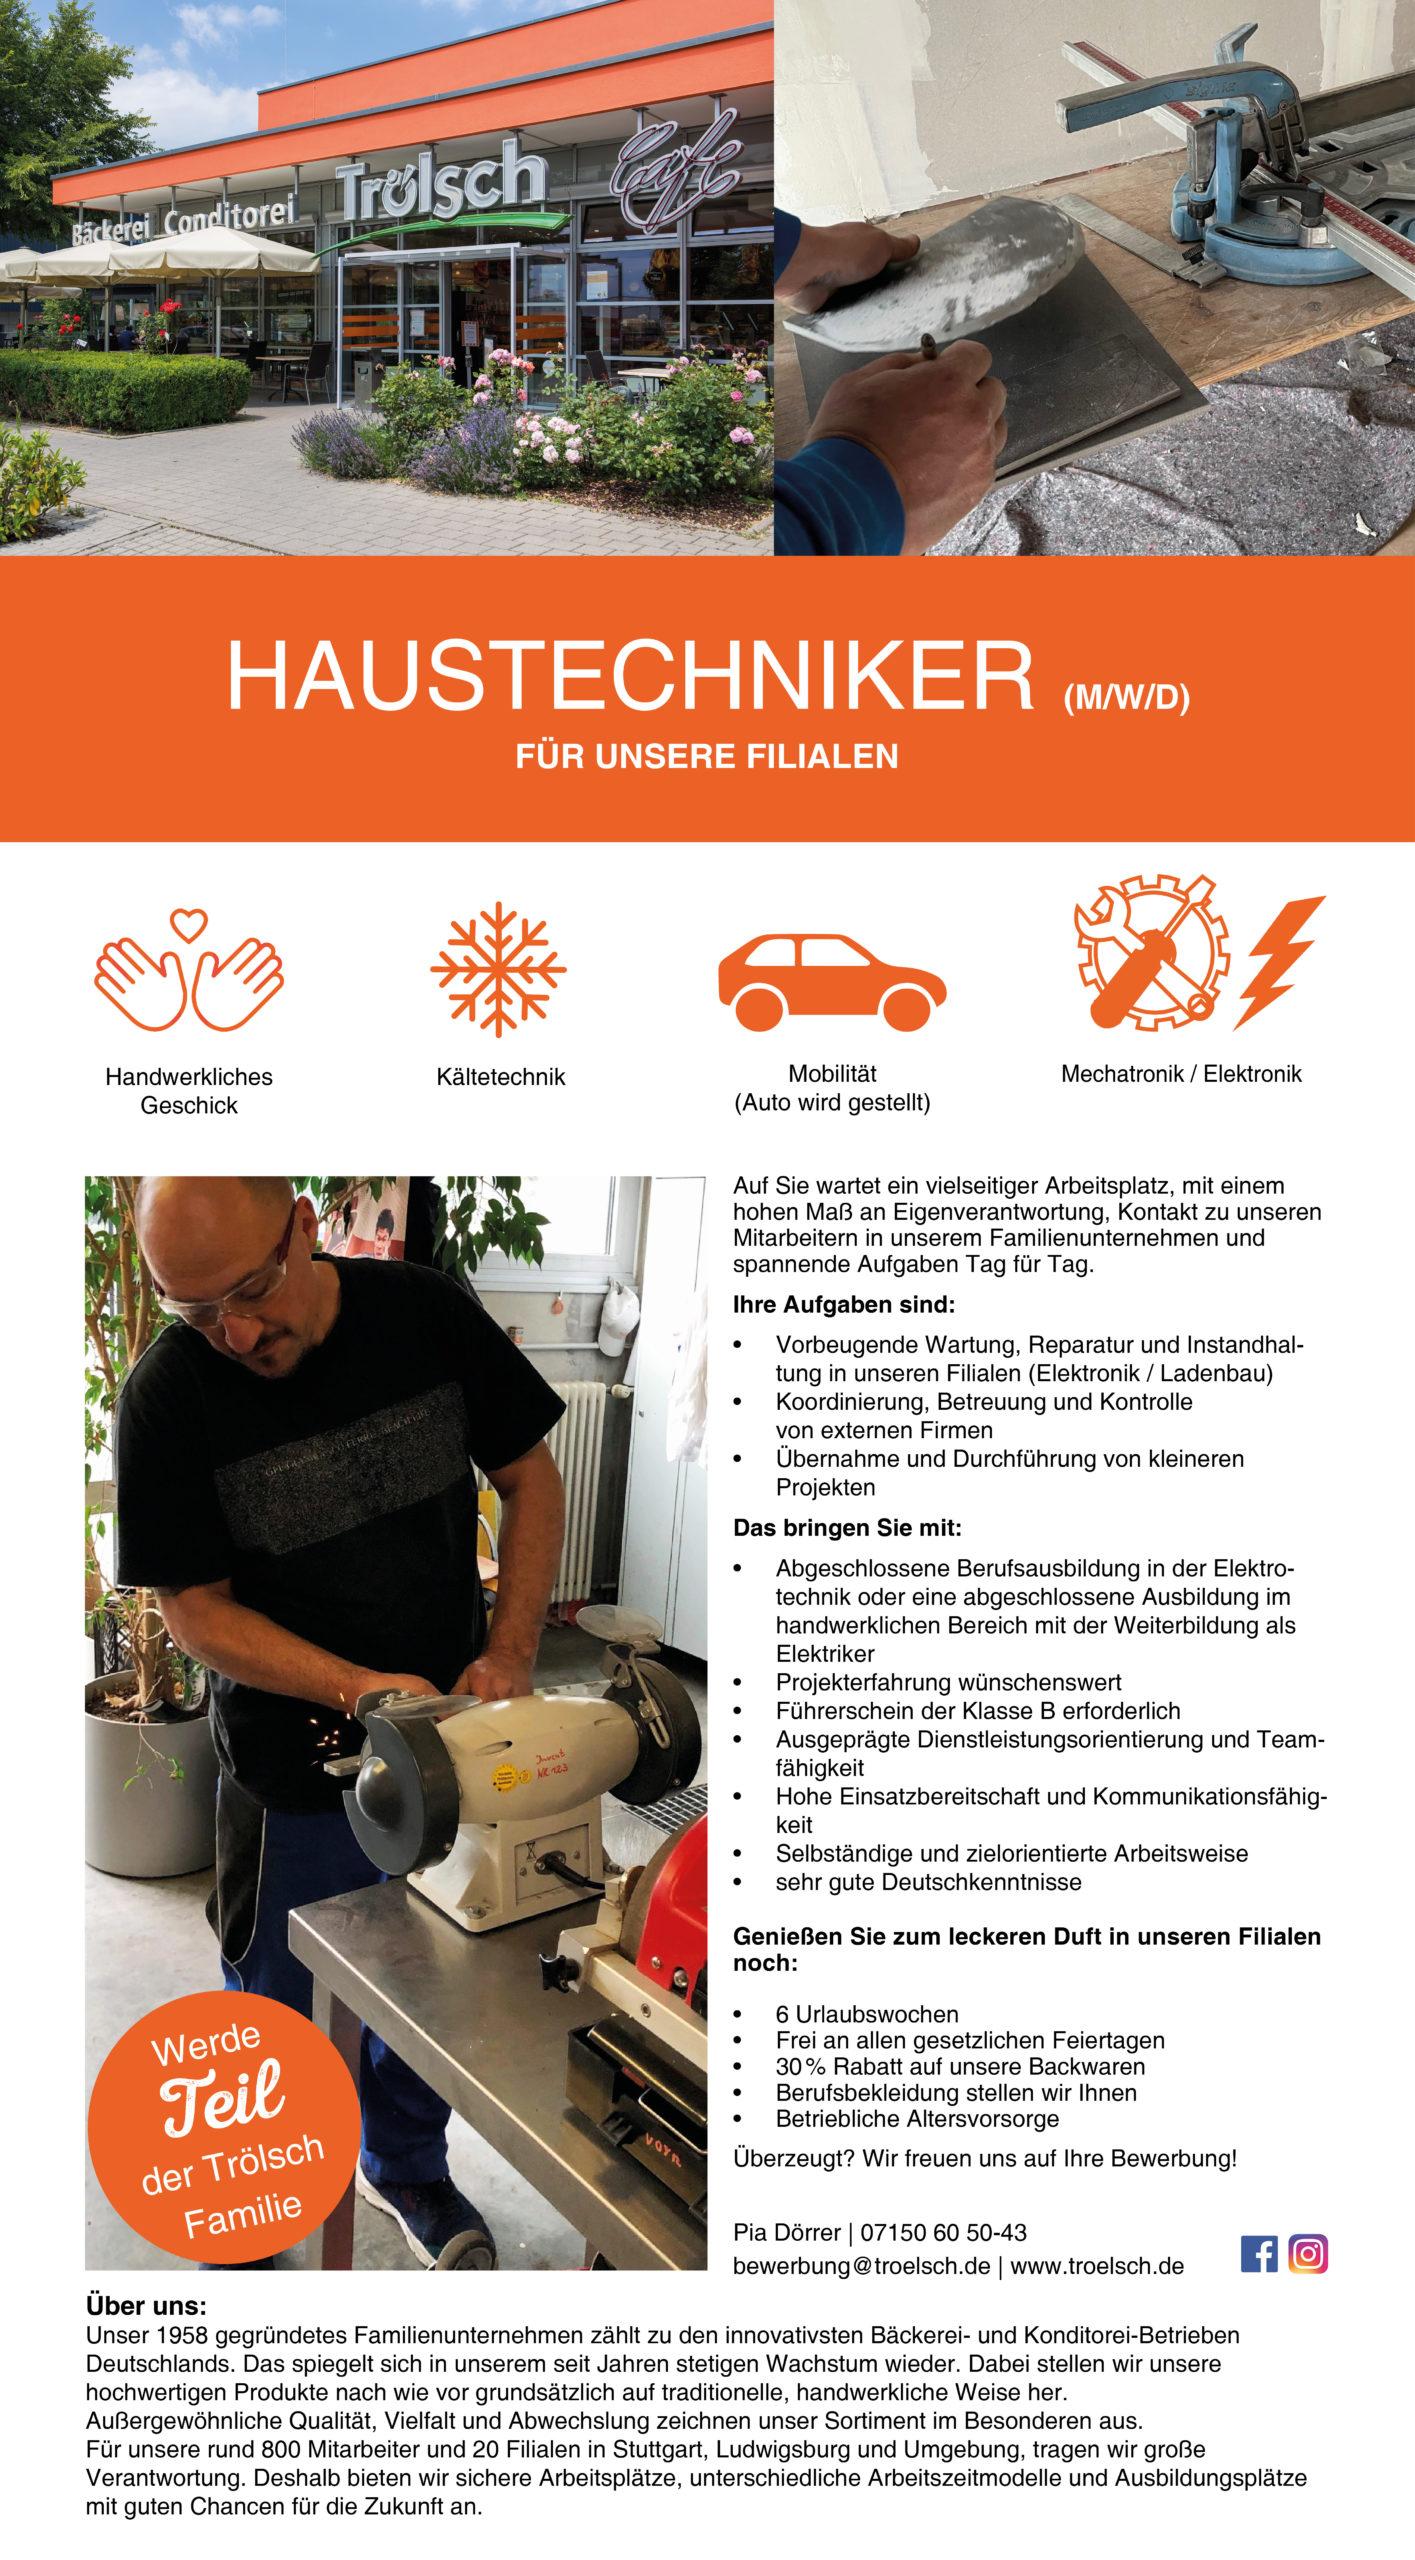 Bild Stellenangebot: Haustechniker